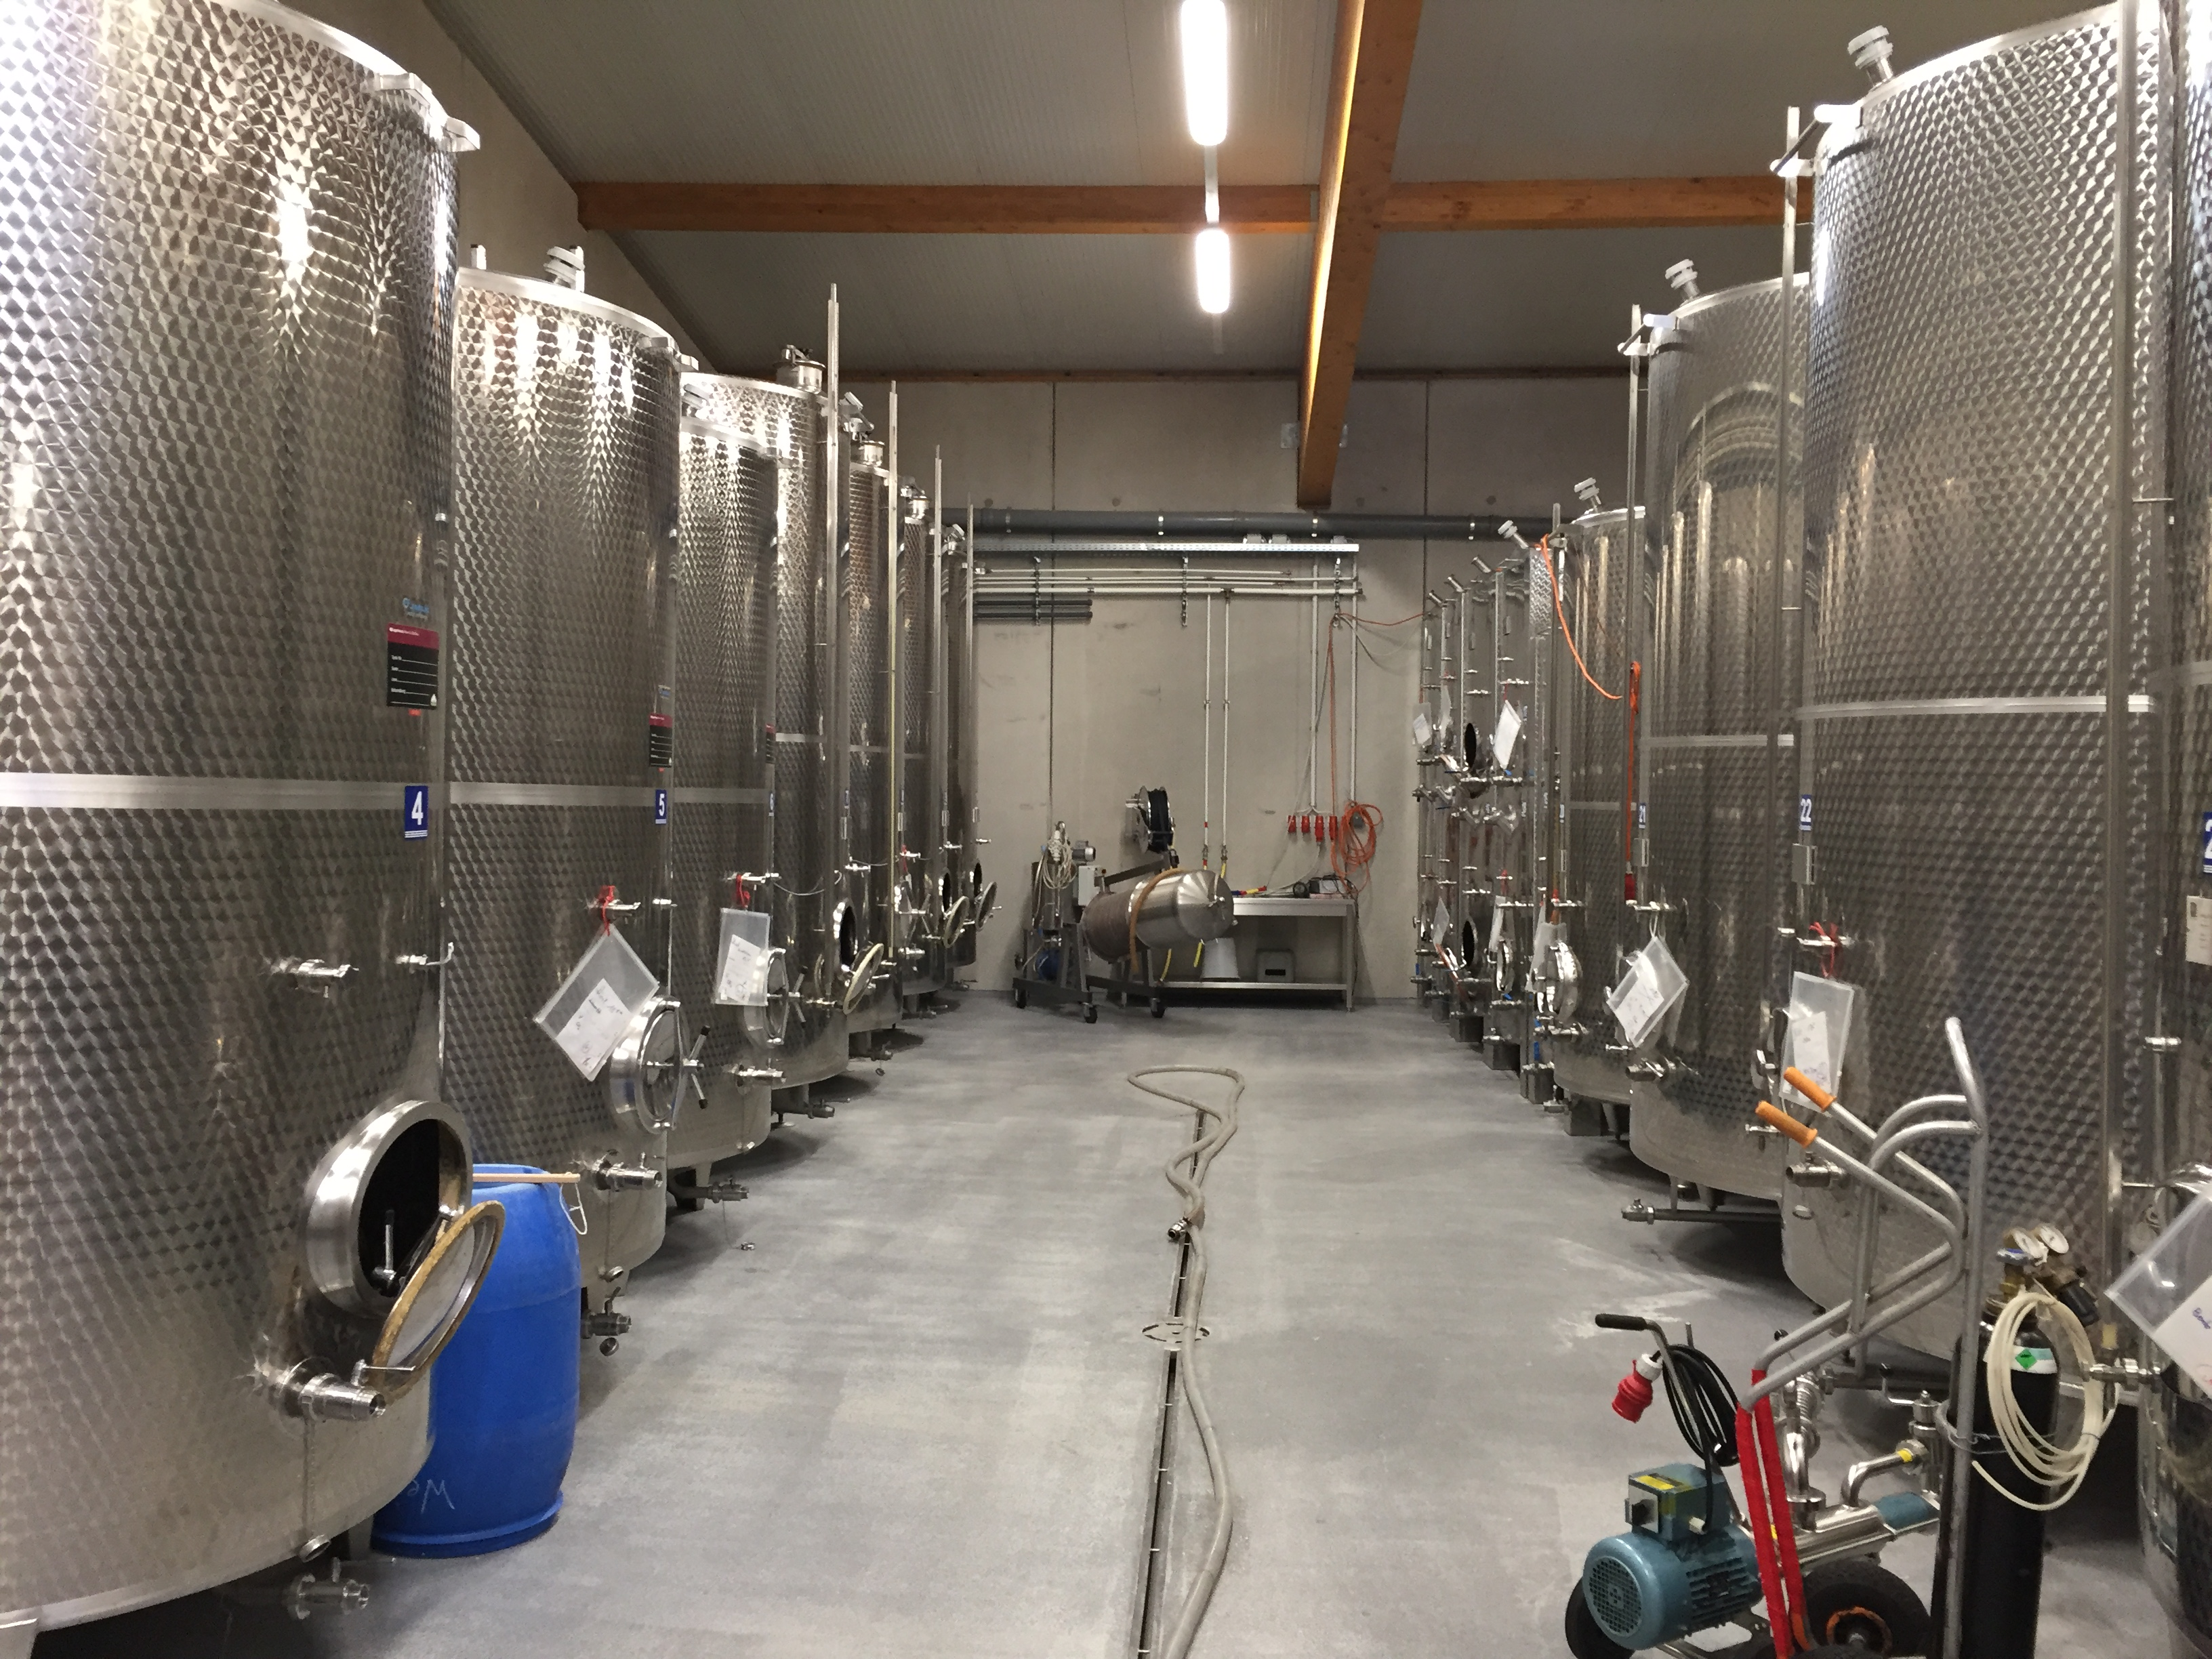 Weingut Mittelbach cellar inox